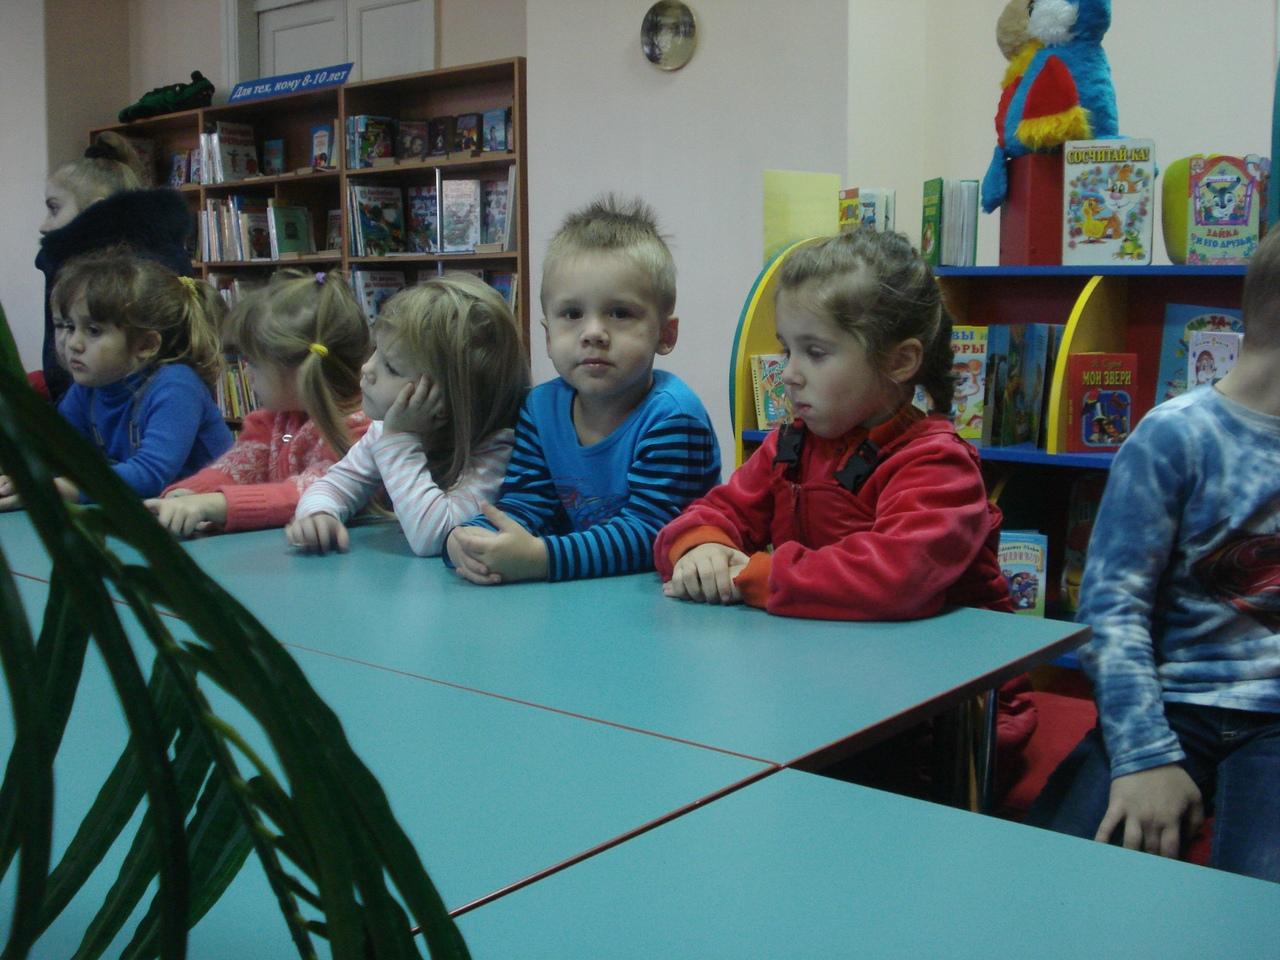 дружба начинается с улыбки, донецкая республиканская библиотека для детей, день улыбки, занятия с детьми, отдел обслуживания дошкольников и учащихся 1-4 классов